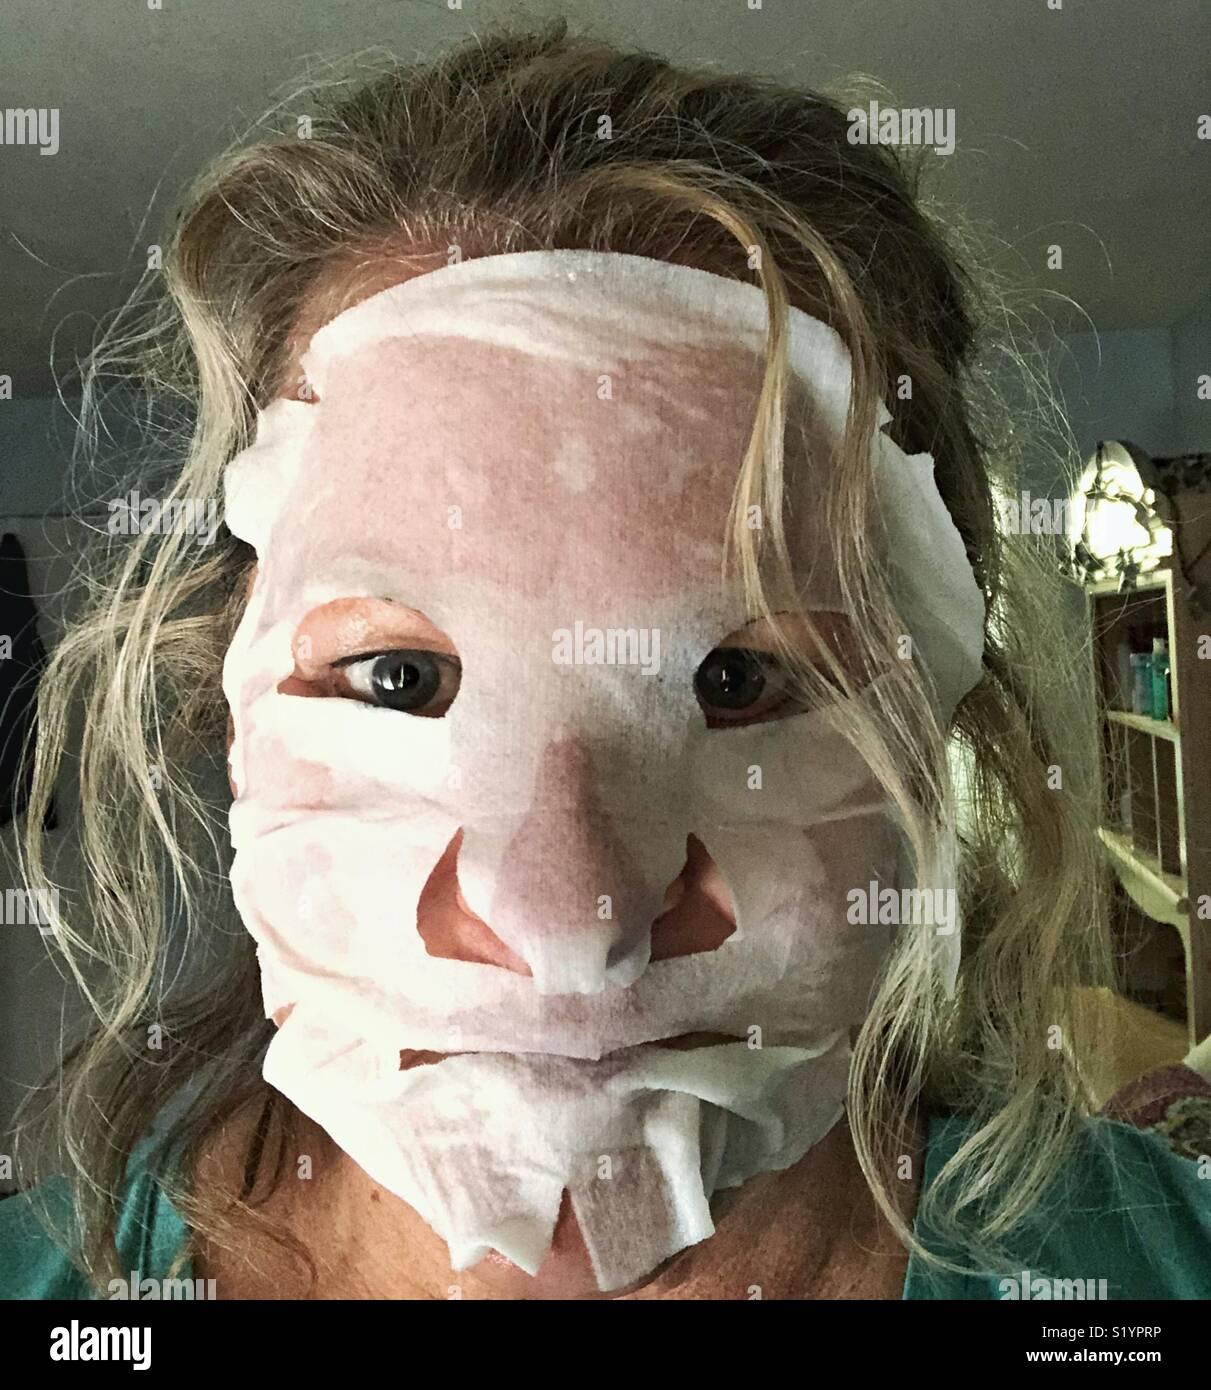 Traitement masque de beauté pour aider à soulager les lignes de plaisir, les rides et les taches du soleil Photo Stock